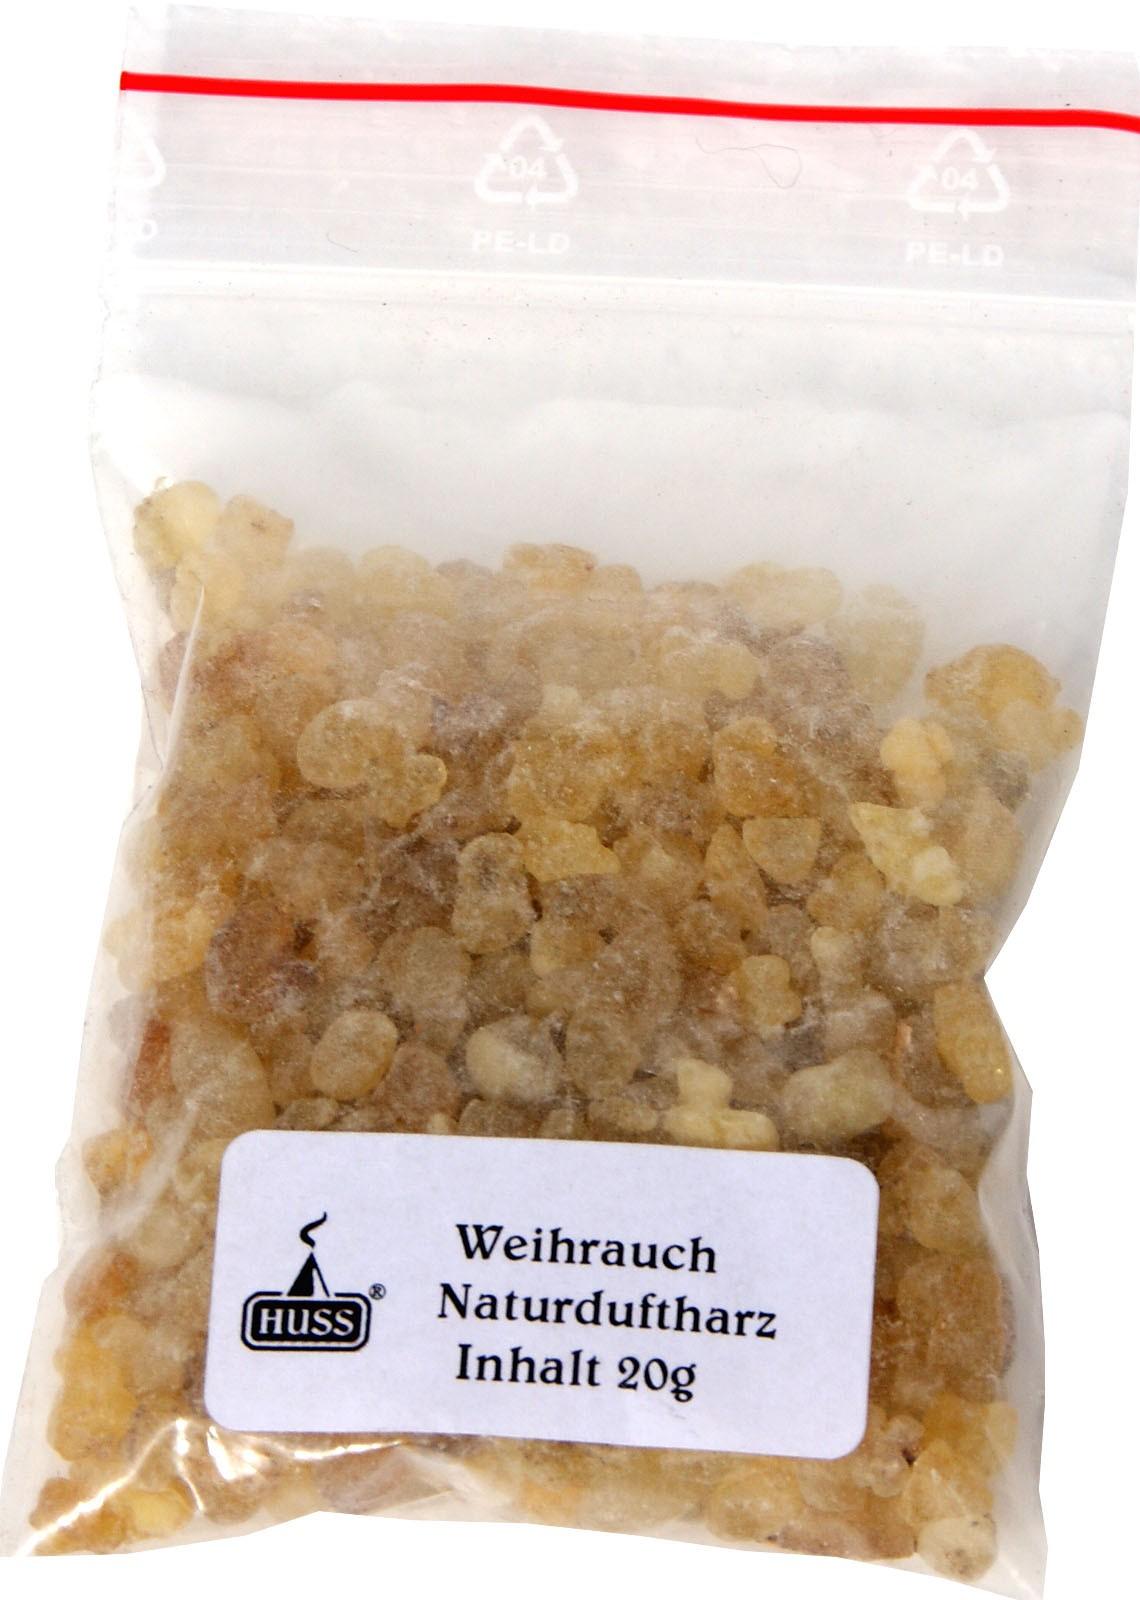 Jürgen Huss Naturduftharze - Weihrauch